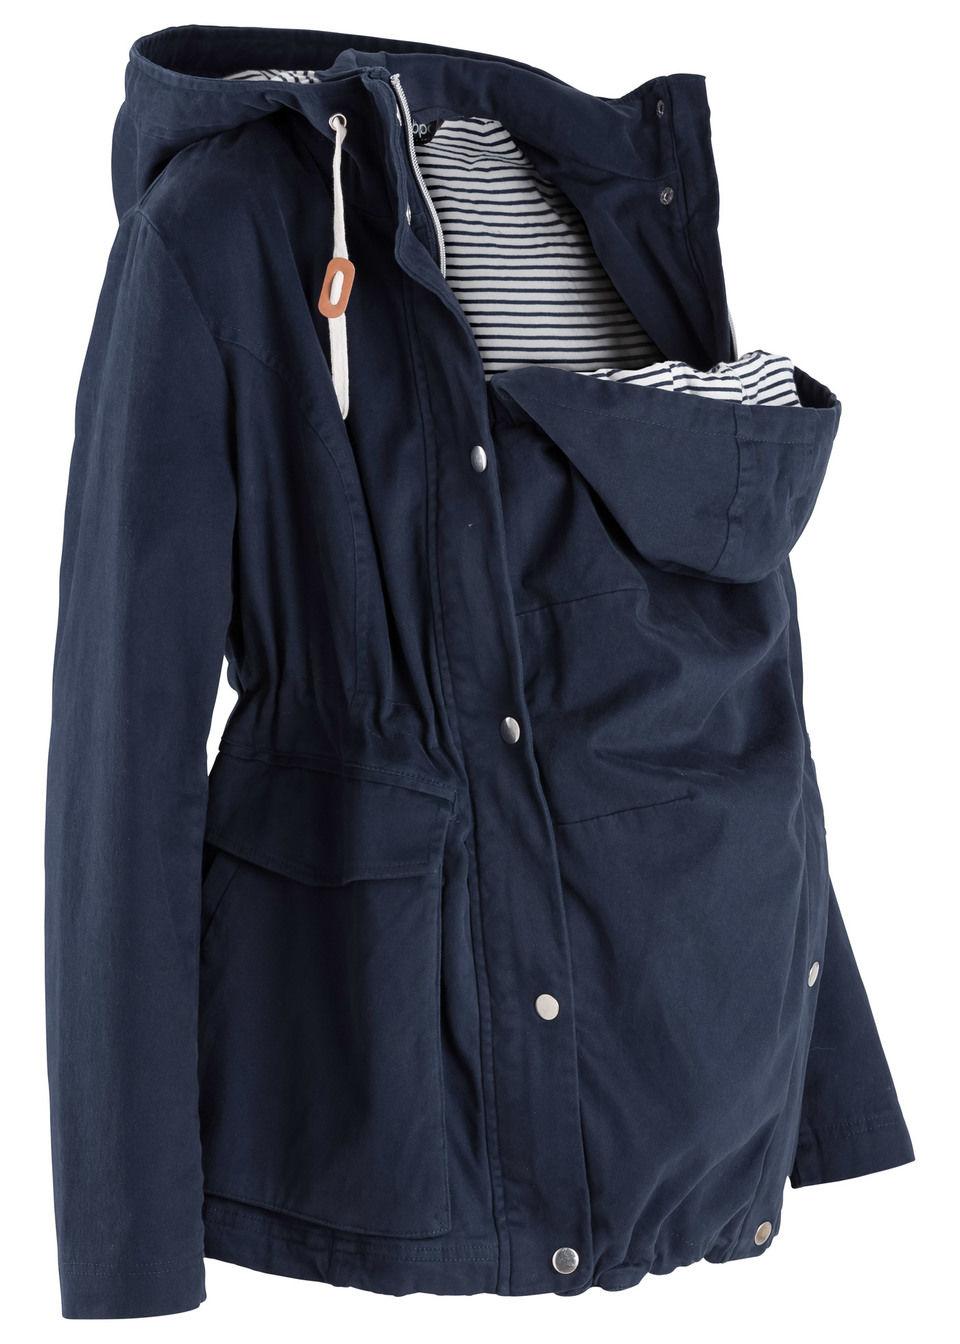 Куртка для беременных со вкладкой для малыша от bonprix